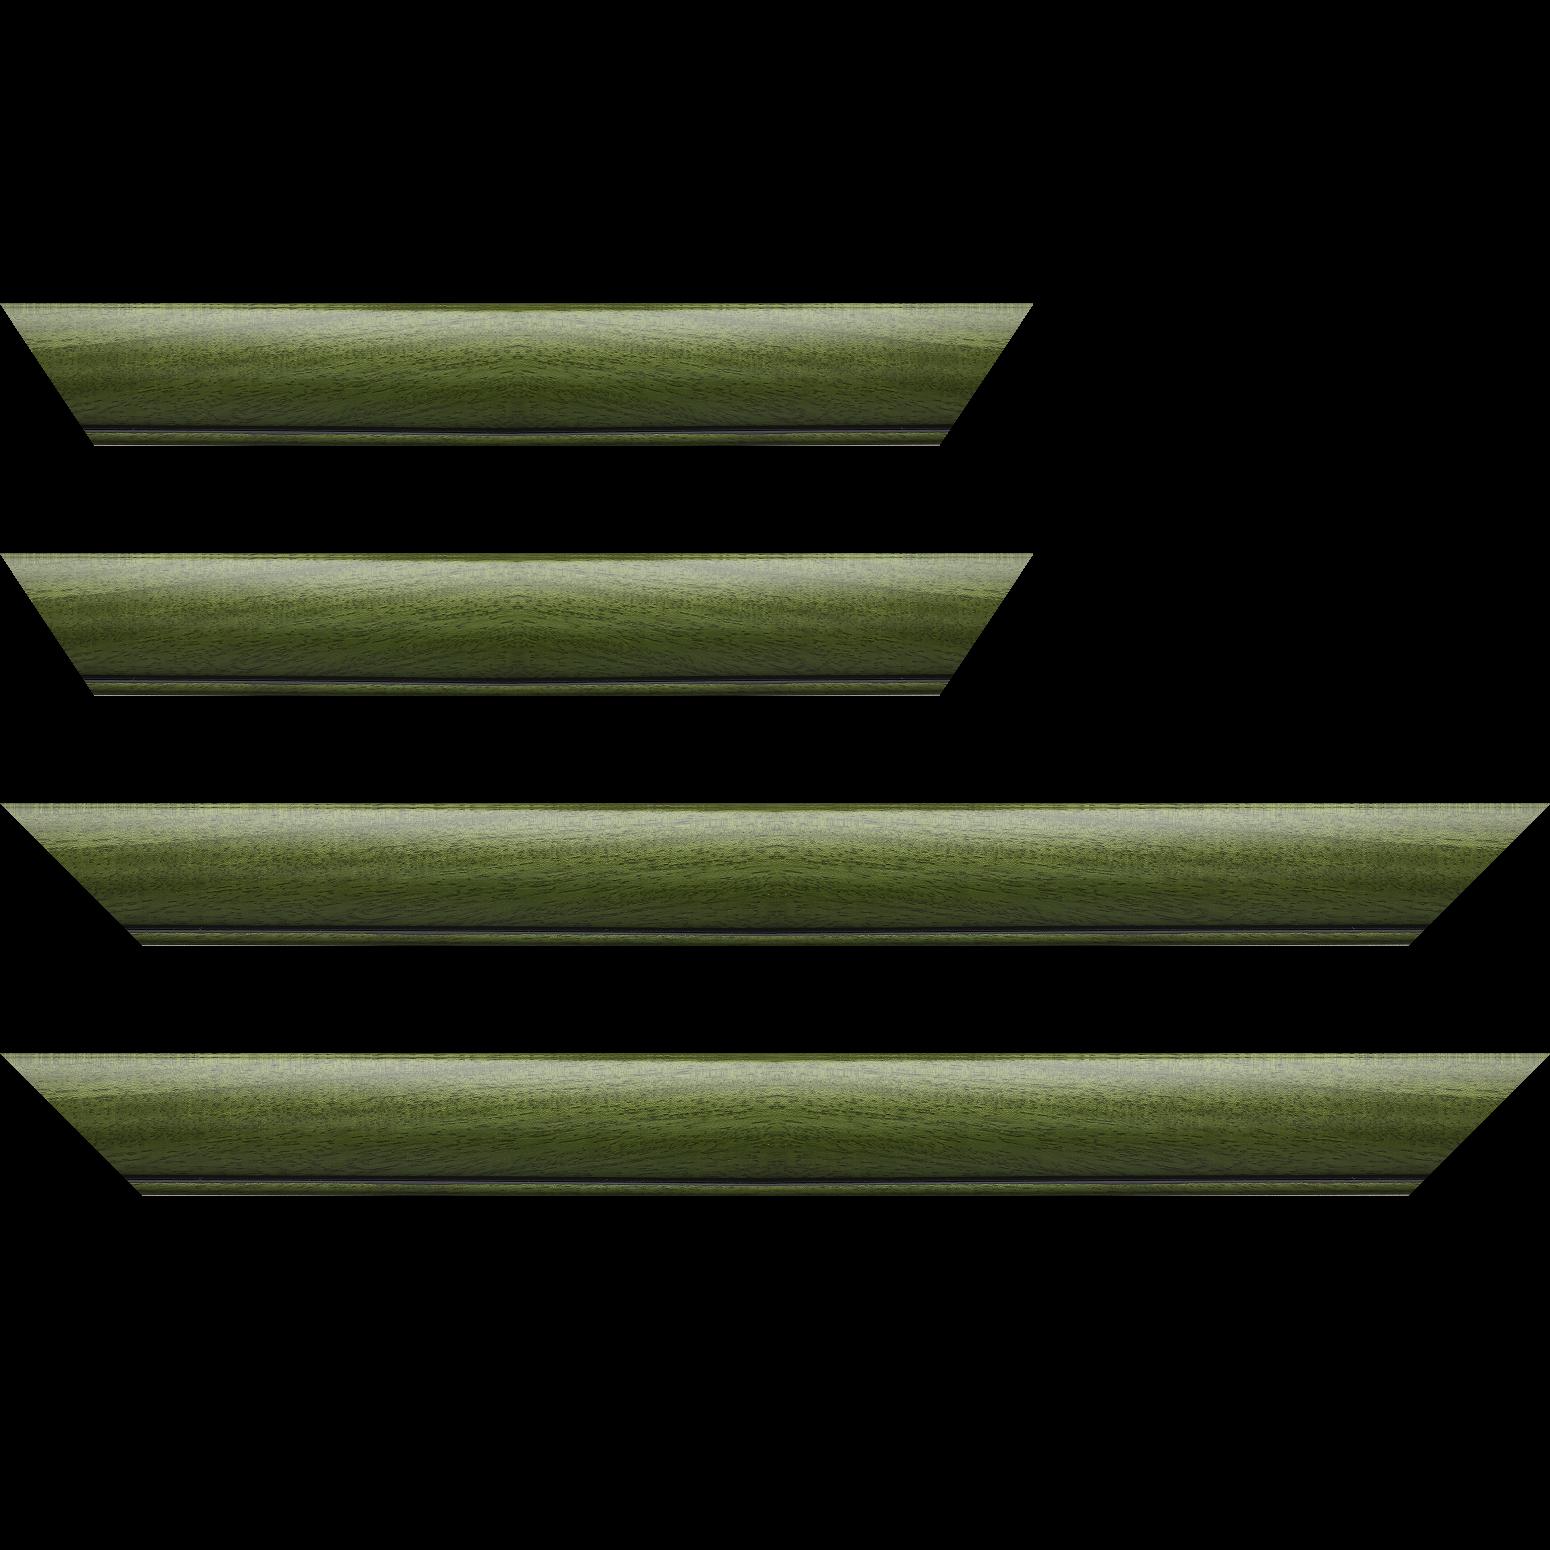 Baguette service précoupé Bois profil arrondi largeur 4.7cm couleur vert sapin satiné rehaussé d'un filet noir